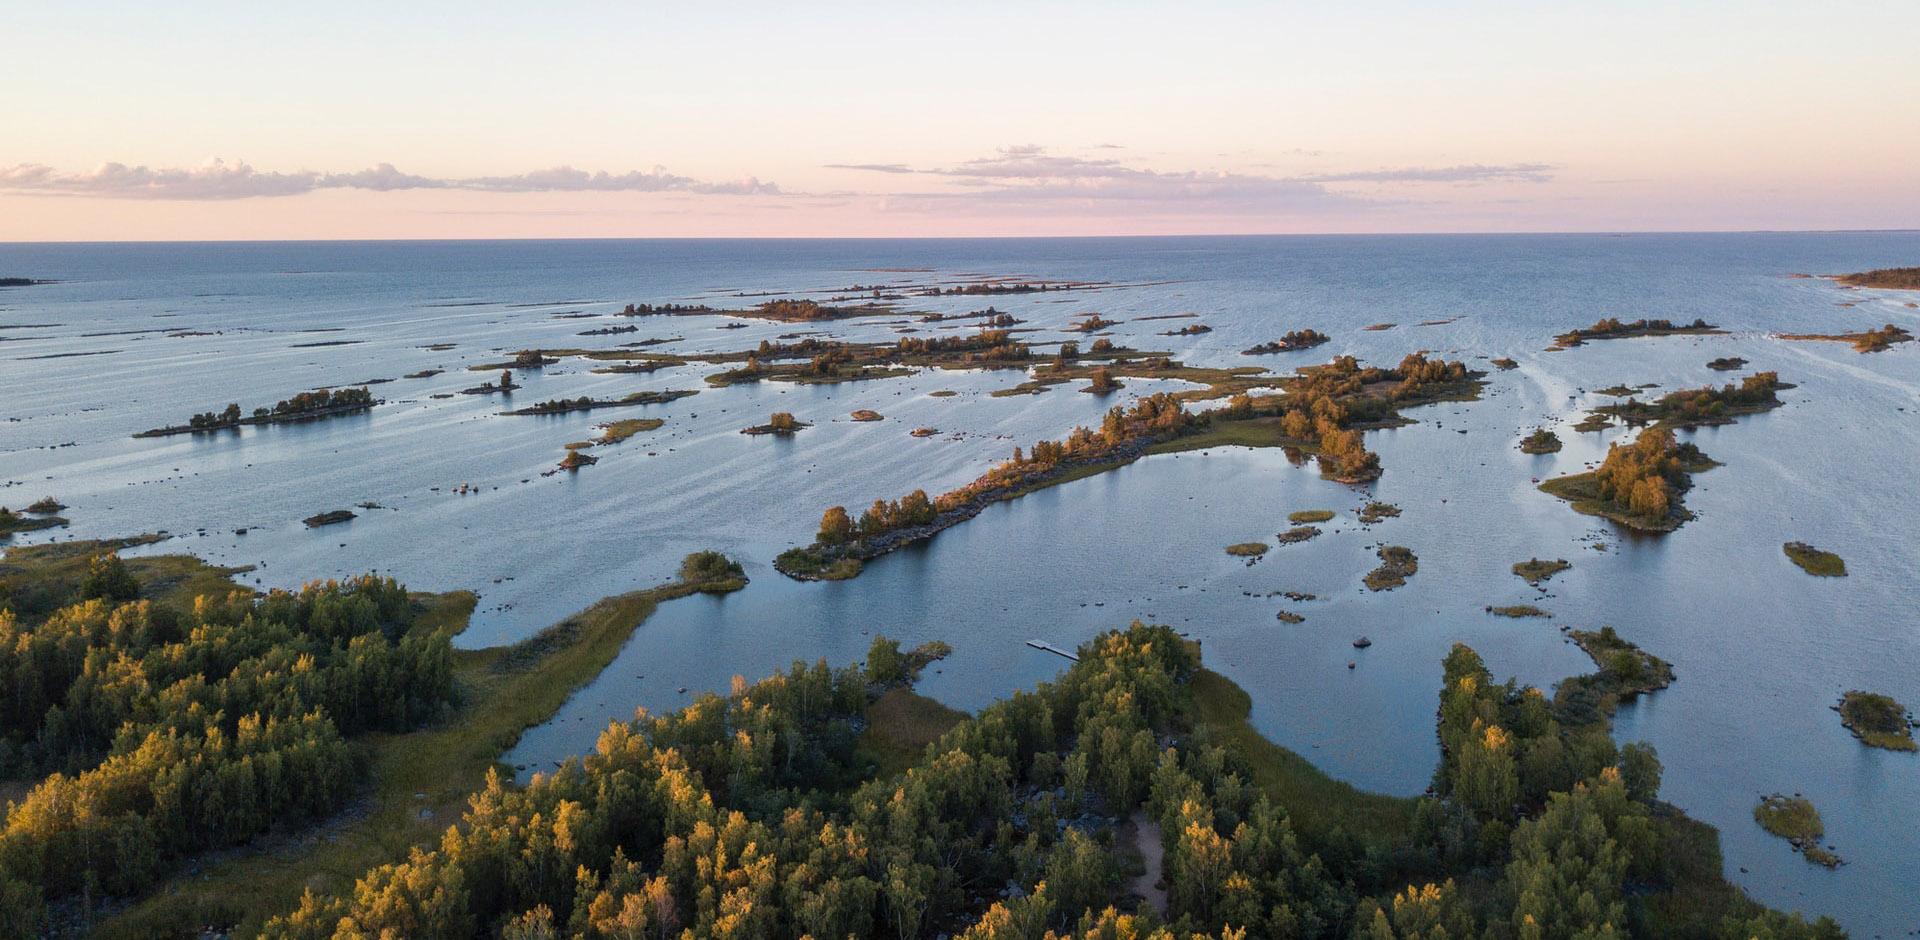 Kvarken Północny - cieśnina w środkowej częsci Zatoki Botnickiej. Od 200 roku wpisana na listę Światowego Dziedzictwa Kulturowego i Przyrodniczego Ludzkości organizacji UNESCO.